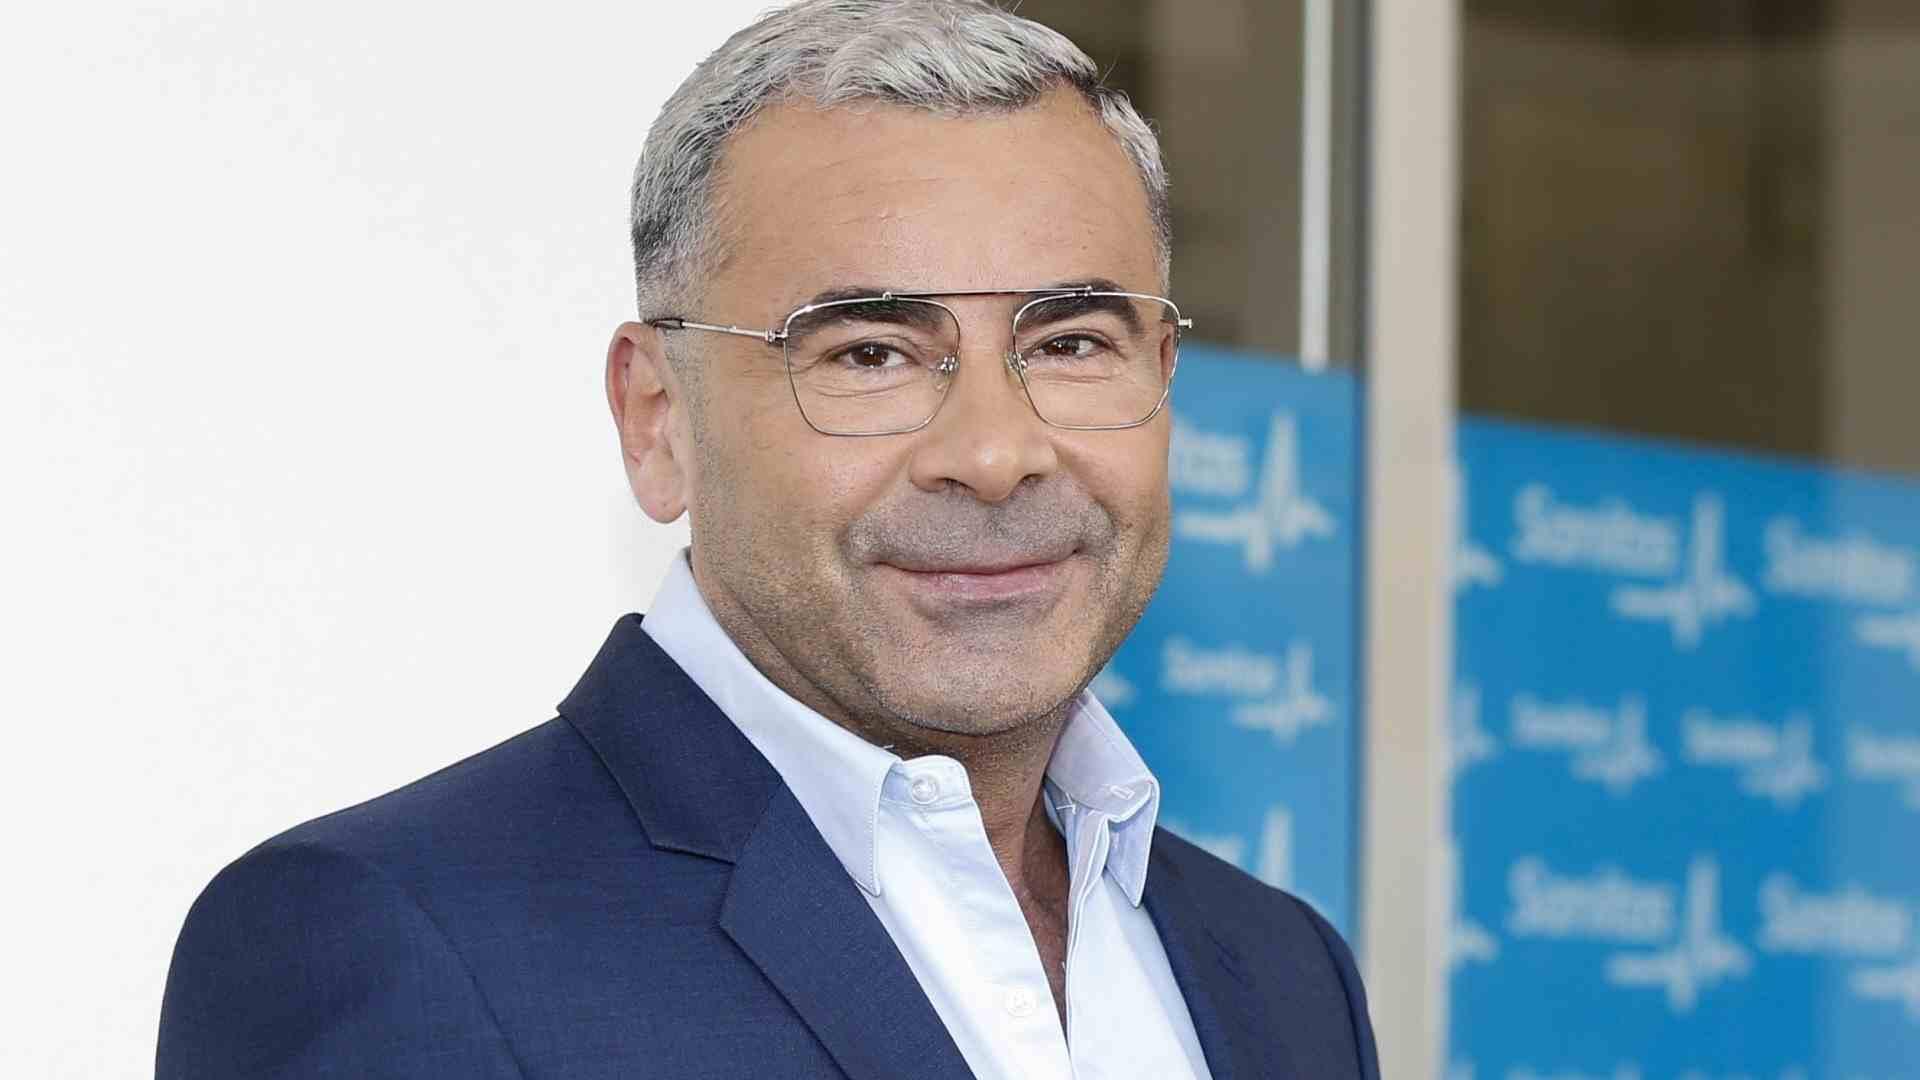 Jorge Javier Vázquez en una aparición pública